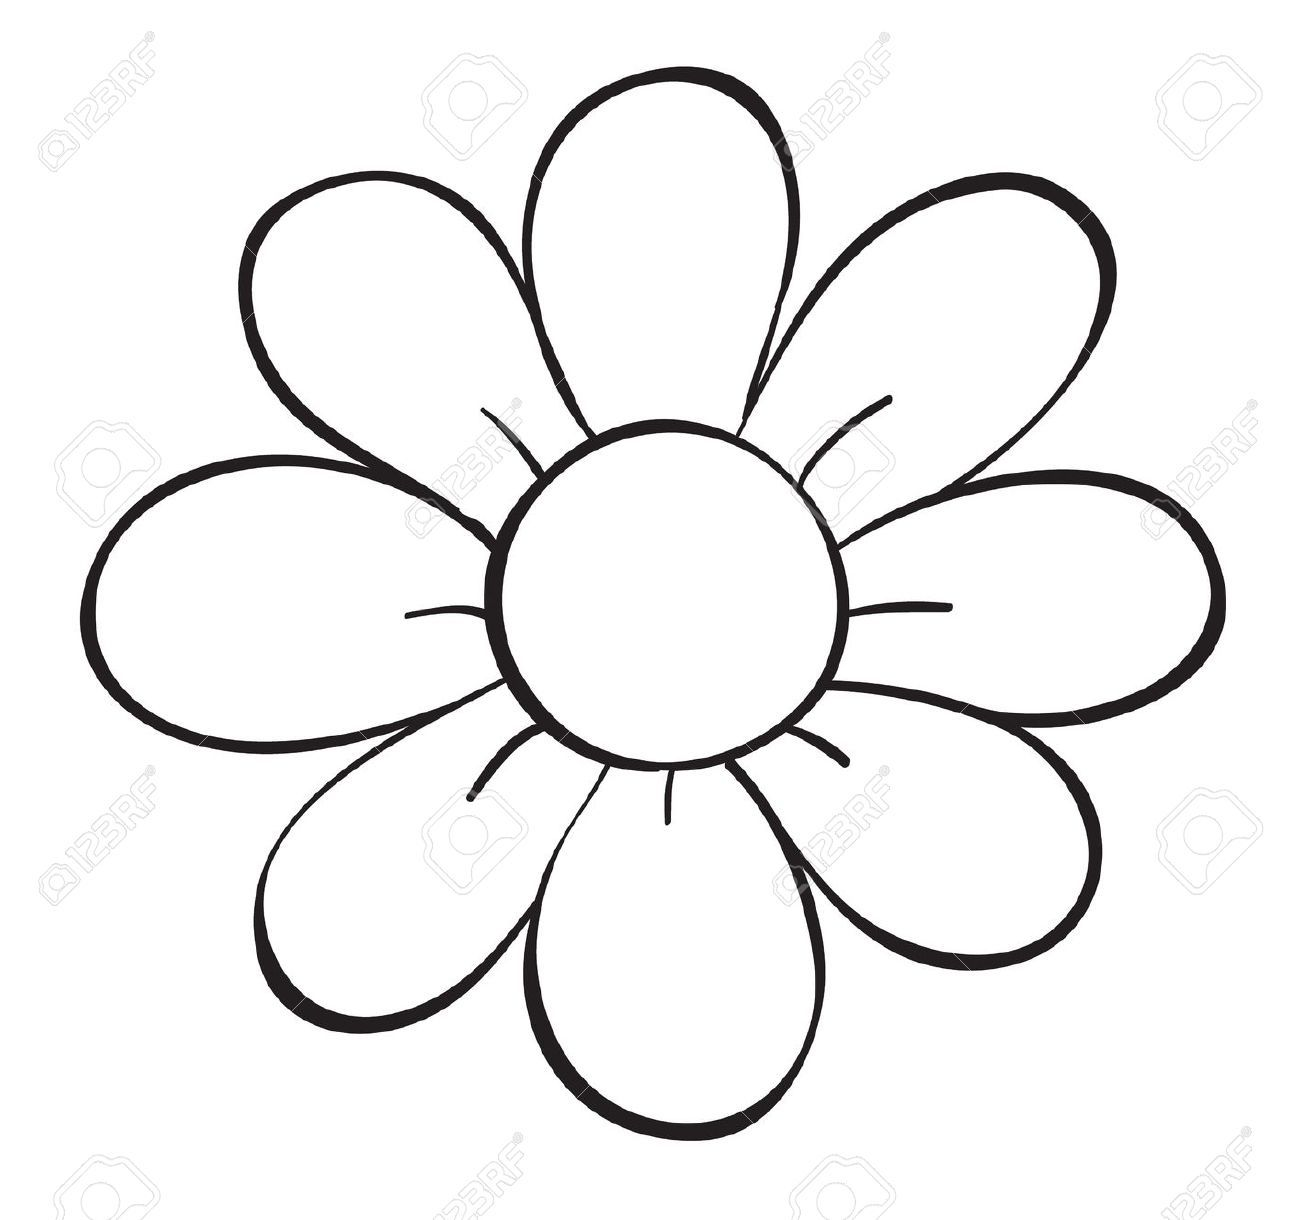 Coloriage Fleur Tps.Resultat De Recherche D Images Pour Image Dessin Fleurs